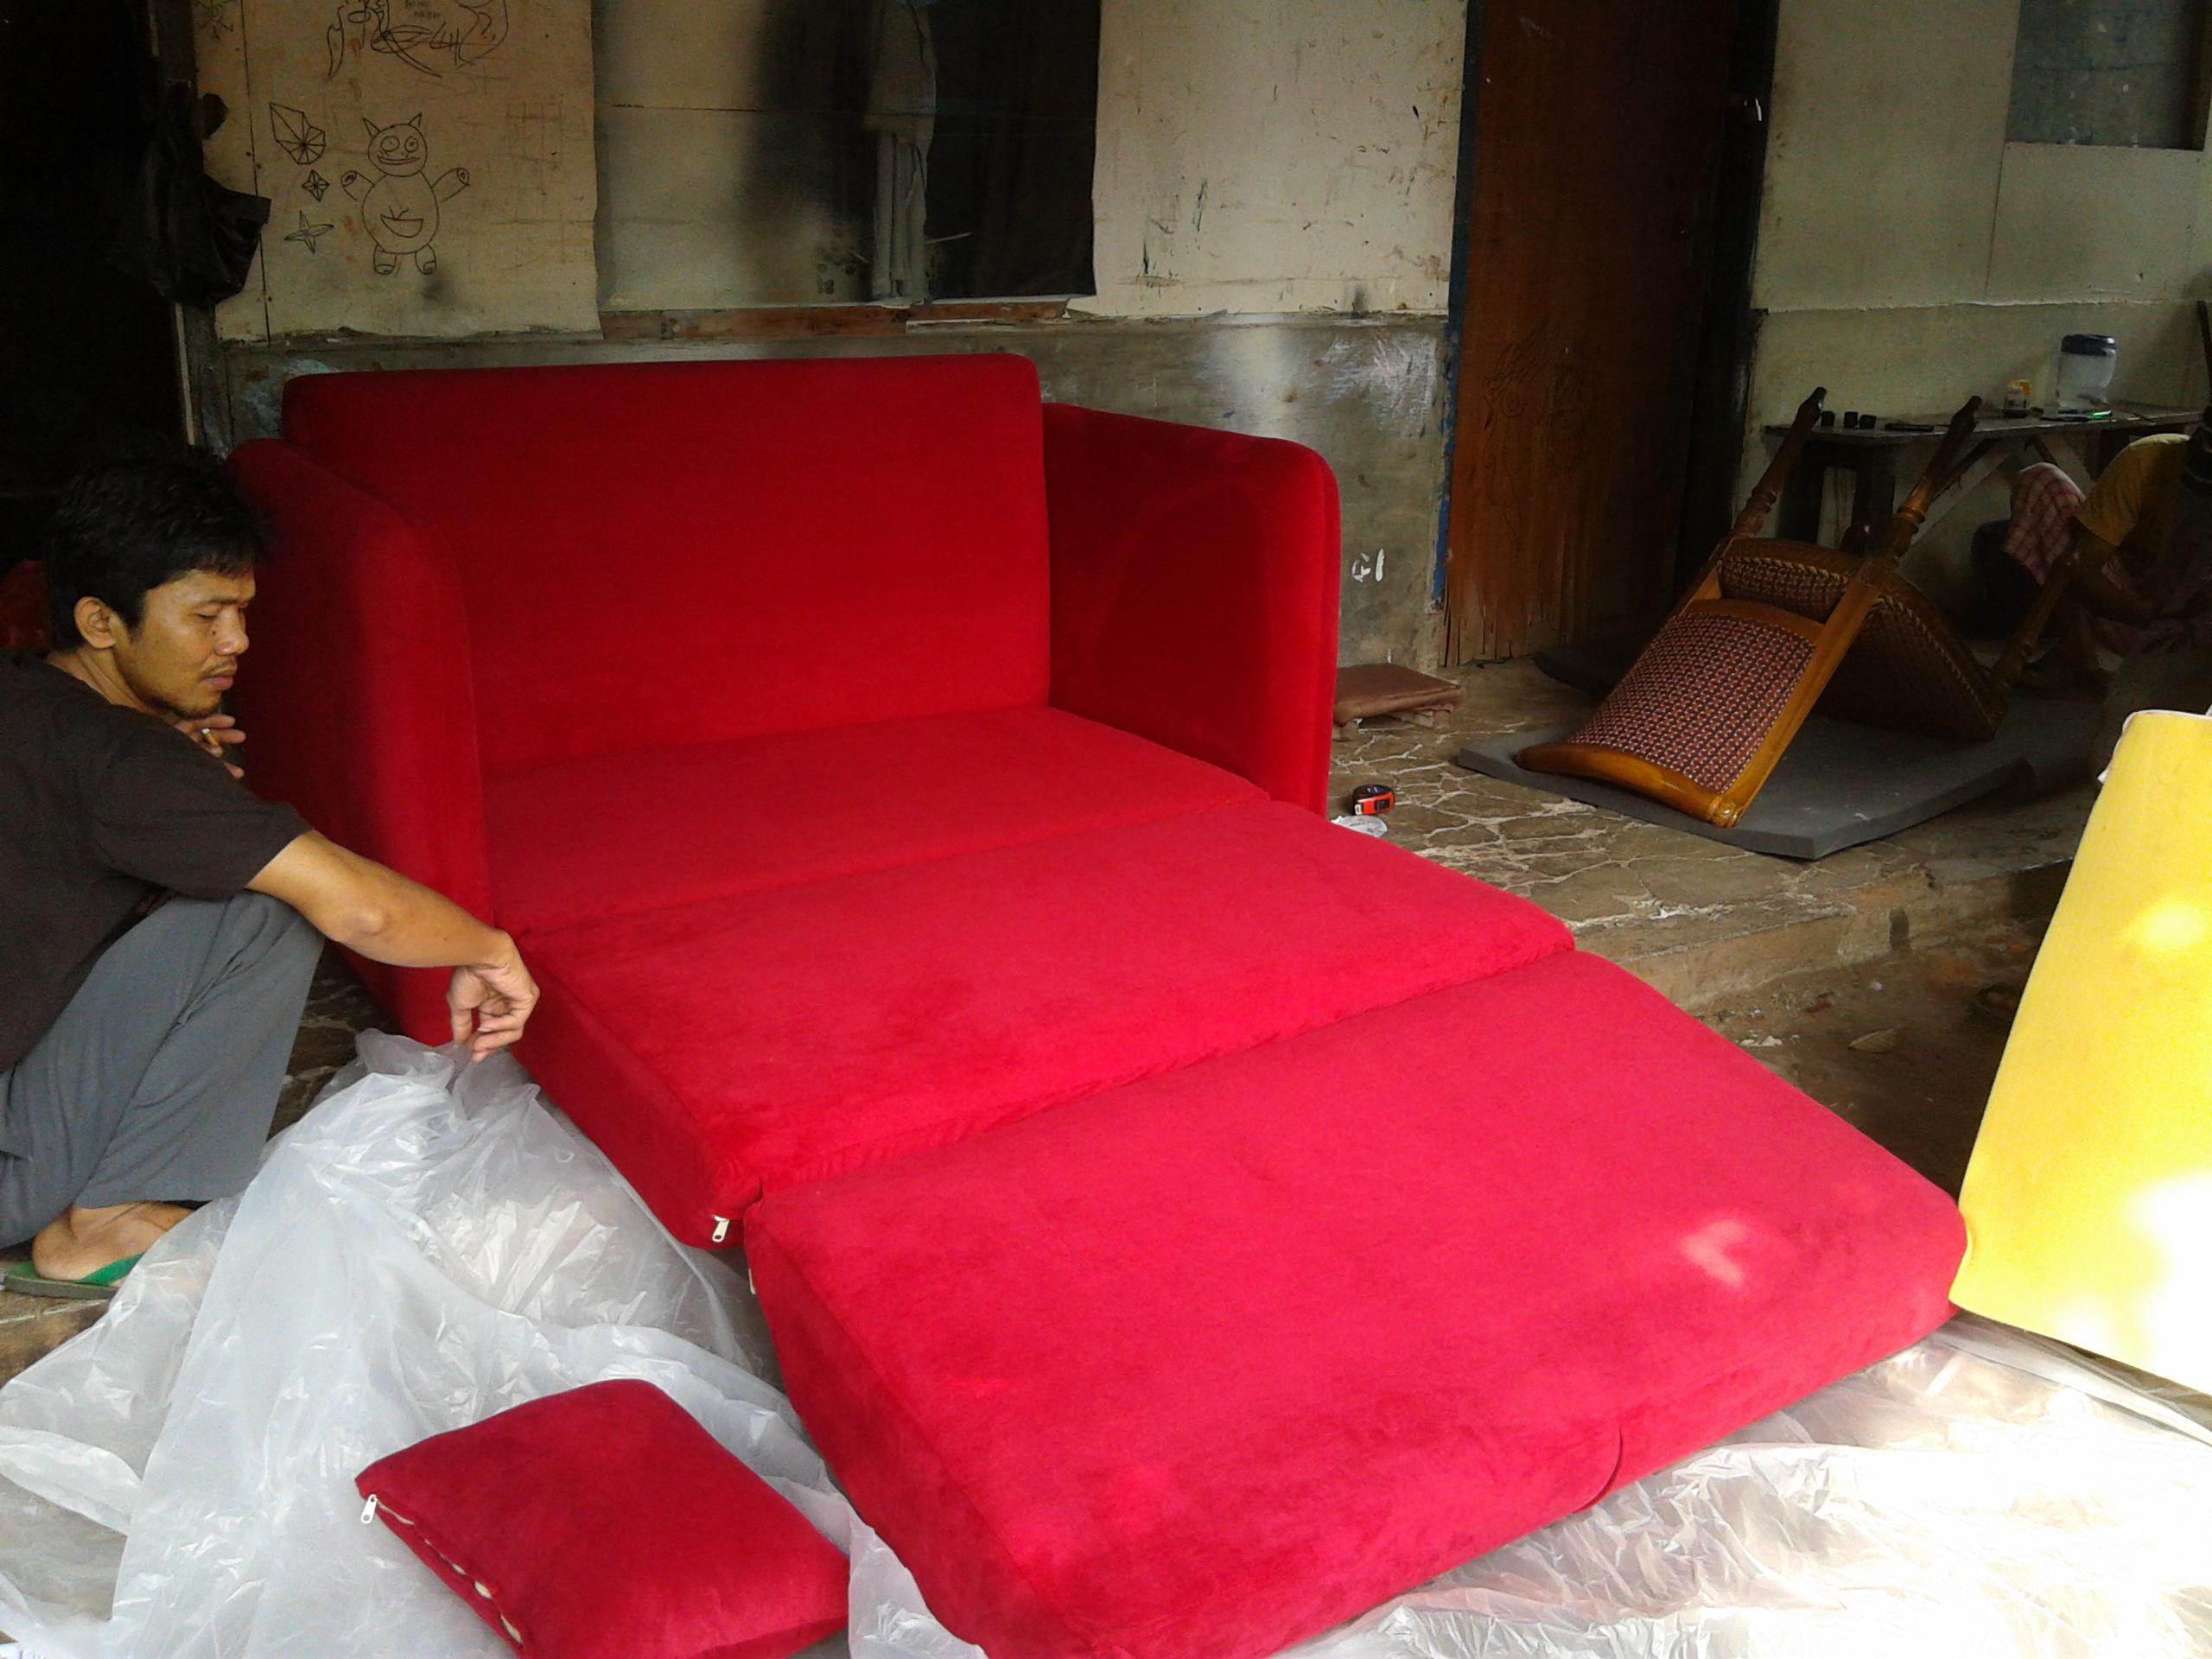 20130614 103316 SOFA BED AMORIST RED FERERRY MR. RIFTIZAS PROJECT (SBRZ0001)